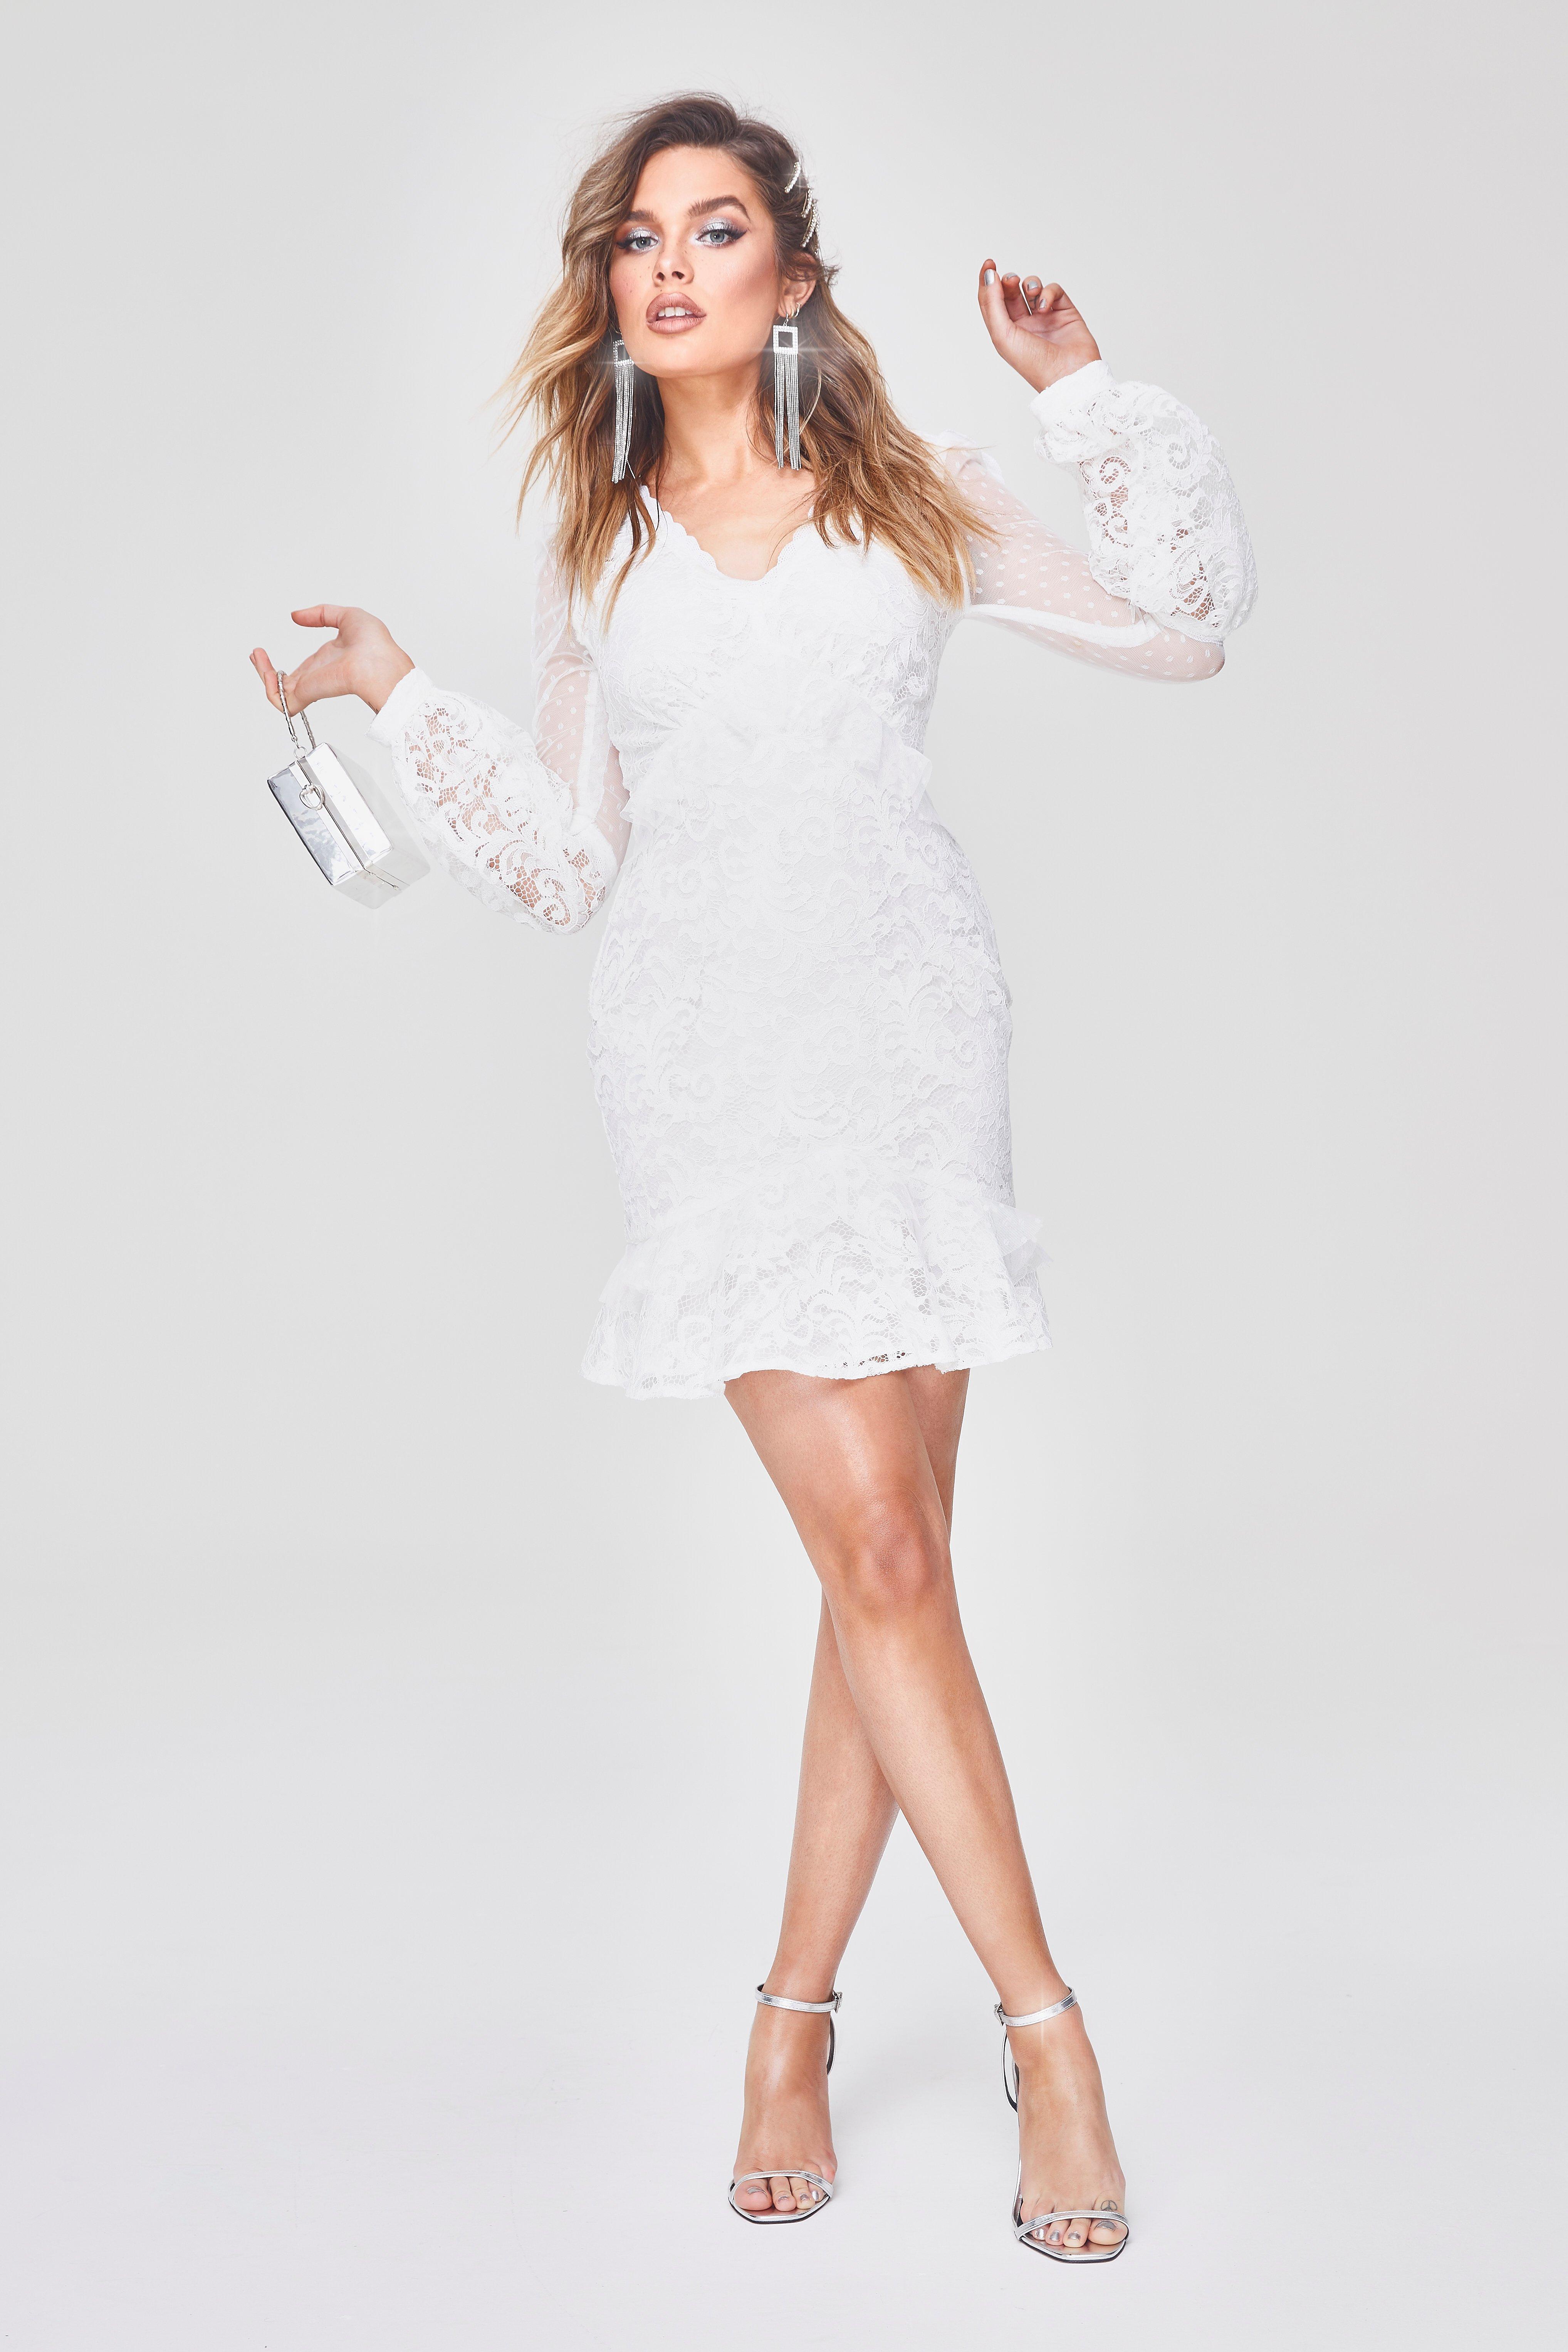 33f93b4564d8 Boohoo Premium Lace Chiffon Ruffle Mini Dress in White - Lyst